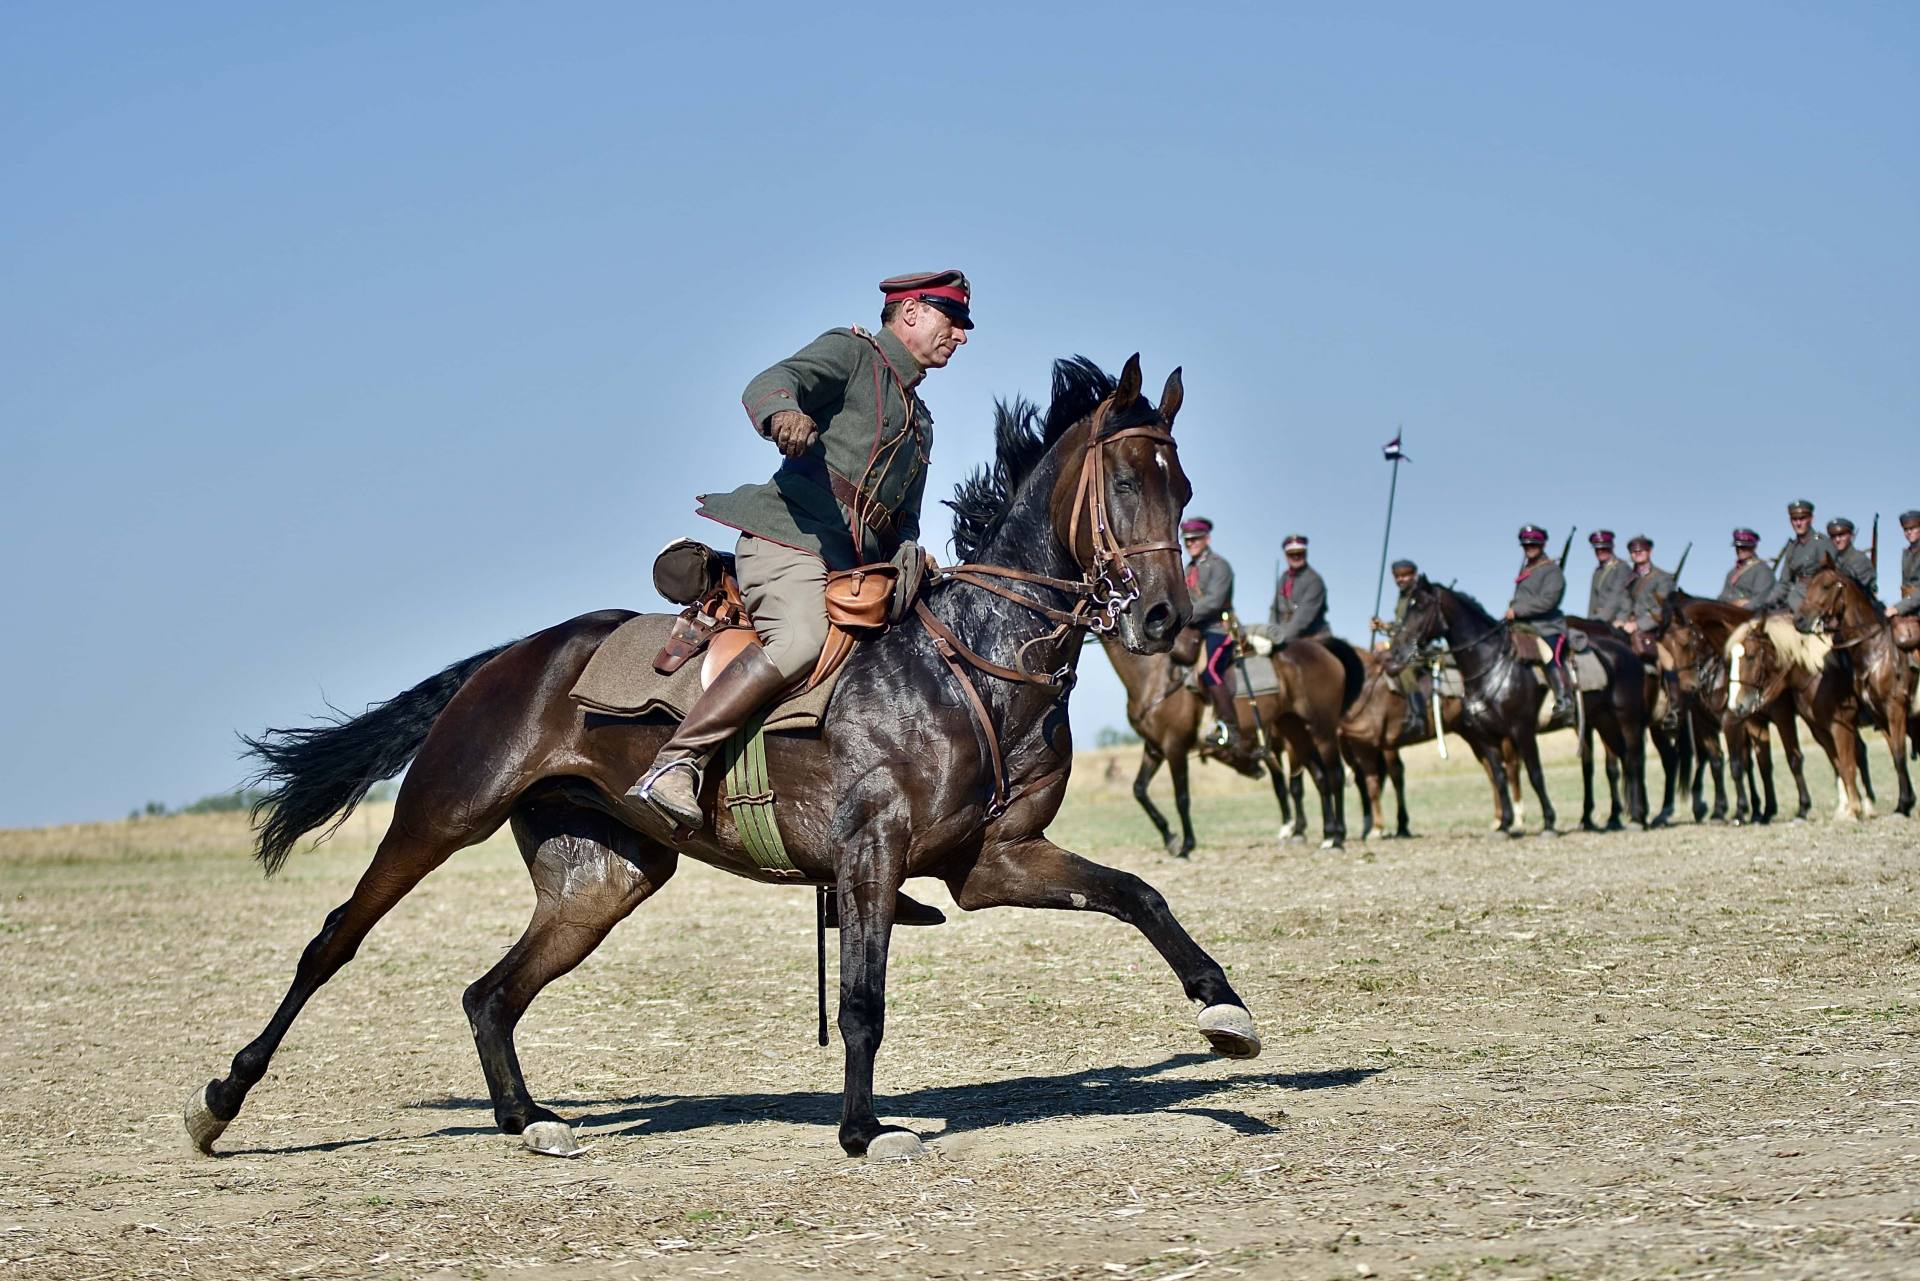 dsc 1192 Czas szabli - 100 rocznica bitwy pod Komarowem(zdjęcia)